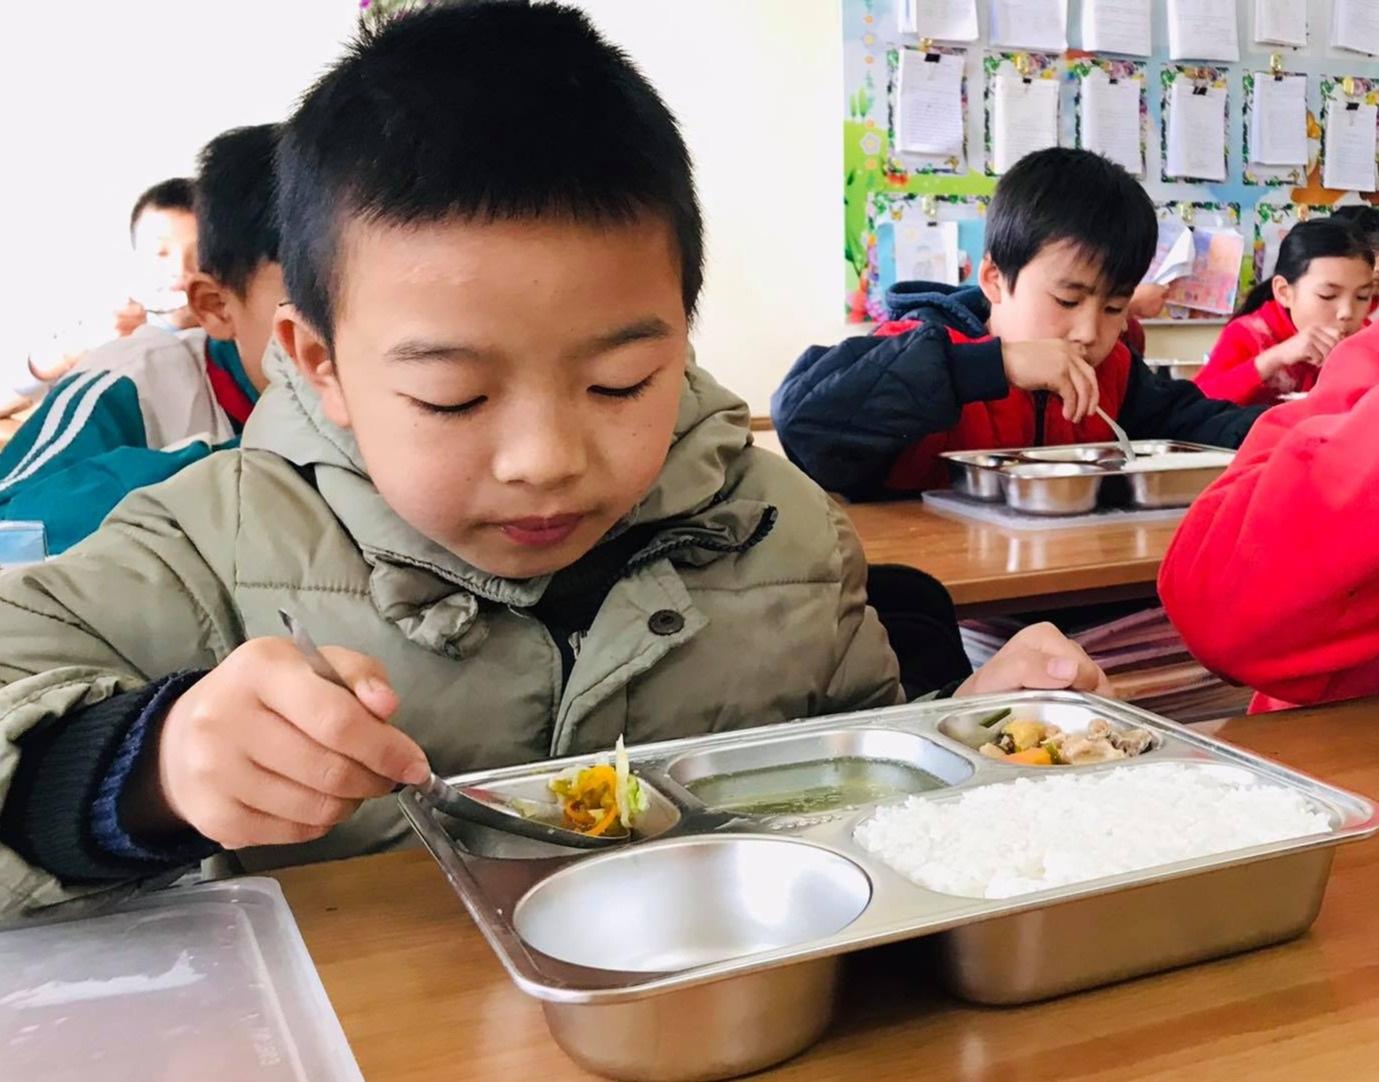 Bữa trưa 15.000 đồng và giấc mơ được ăn cơm nóng ở lớp - 1